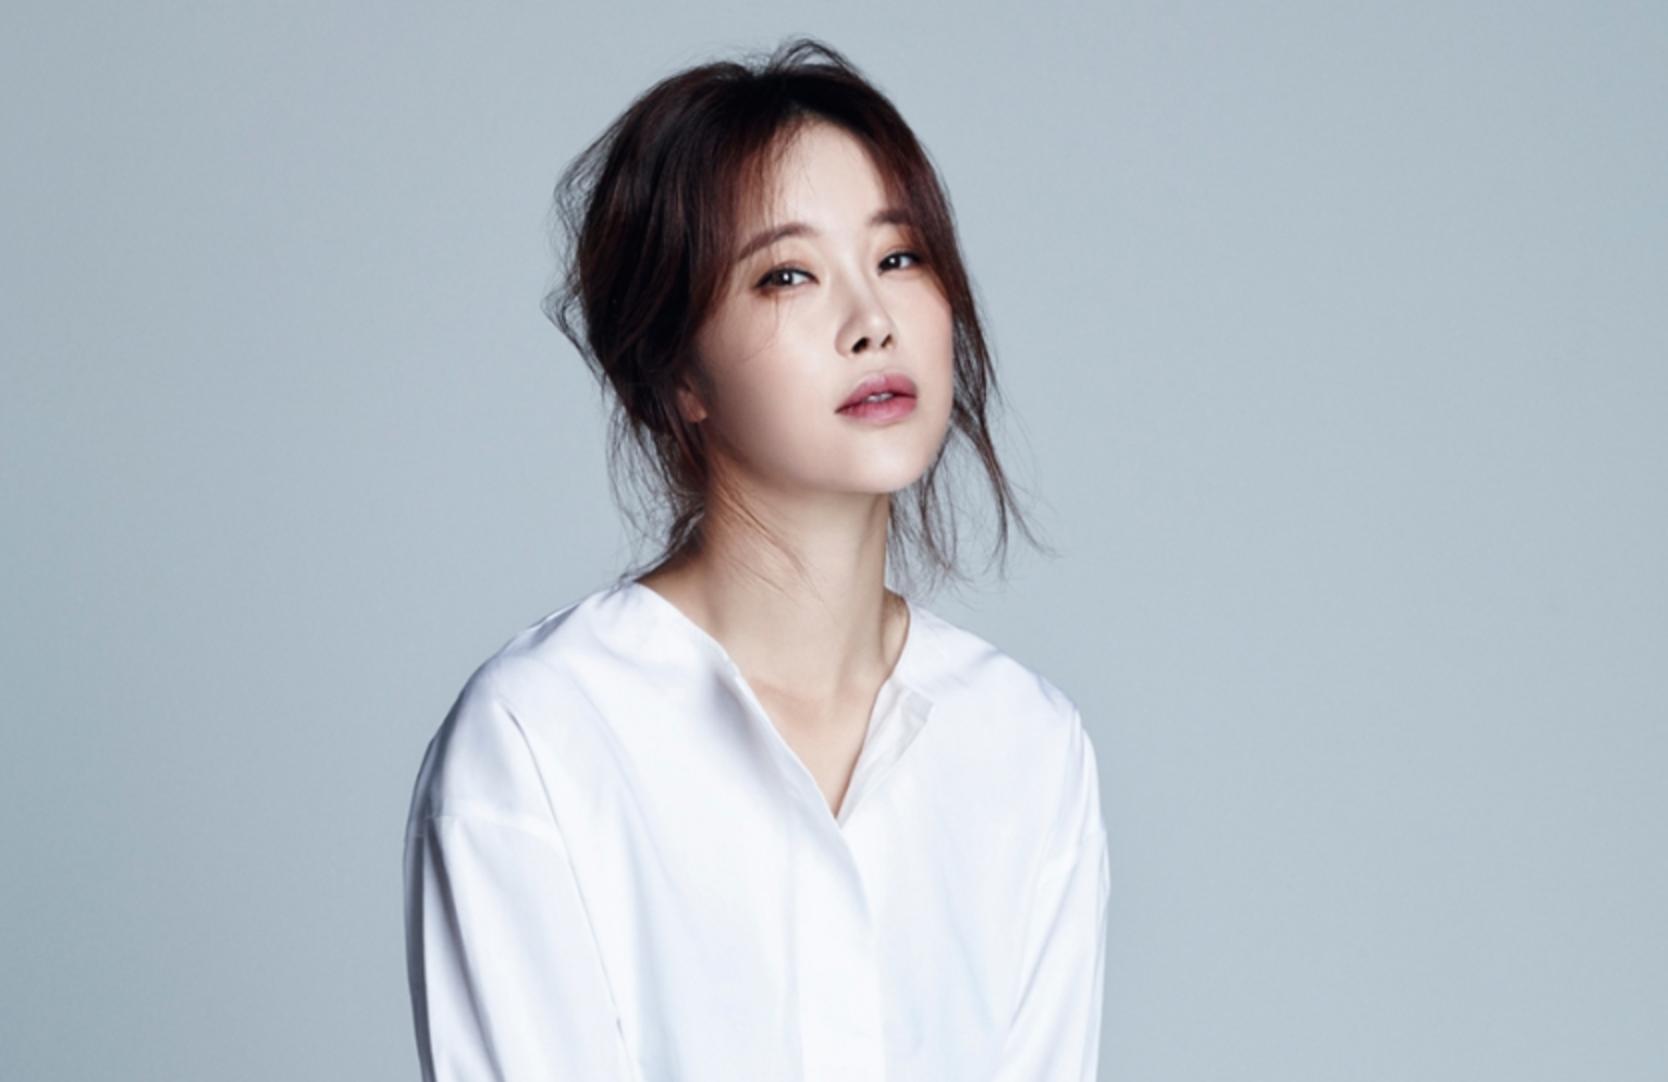 Baek Ji Young escoge los 2016 MBC Entertainment Awards como primer evento tras la noticia de su embarazo